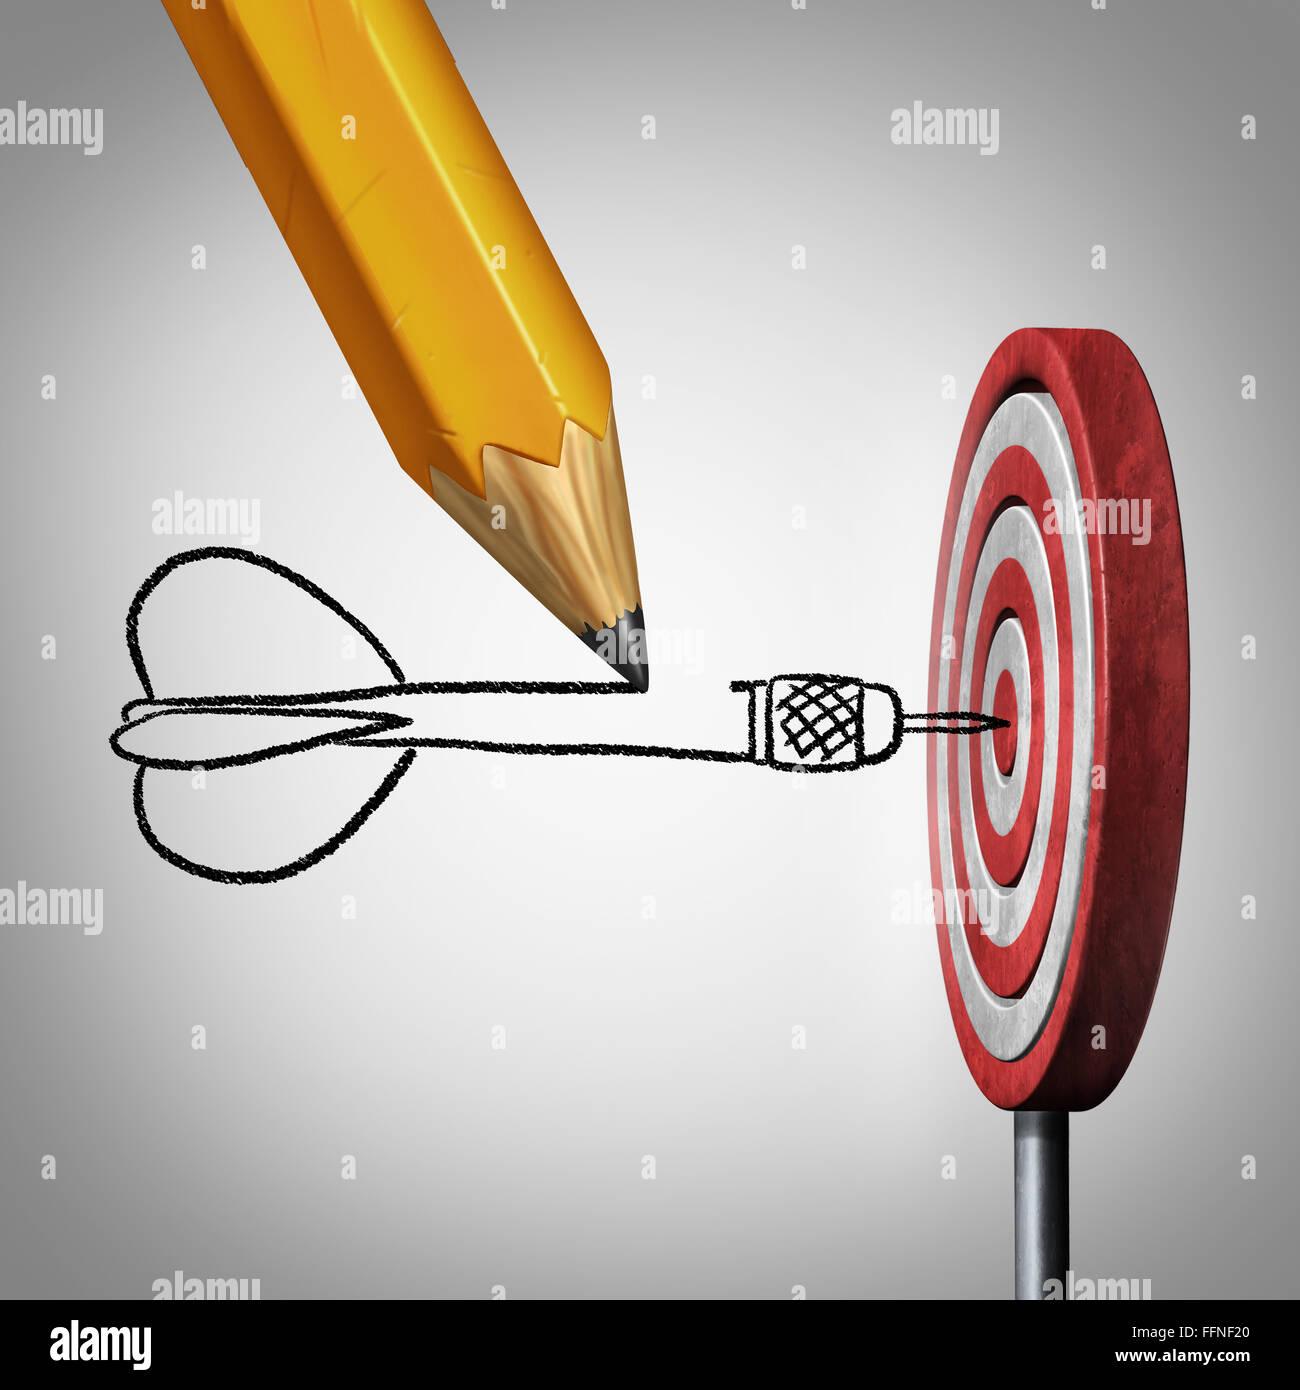 La planification des objectifs de réussite business concept comme un dessin au crayon un dard frappant le centre Photo Stock